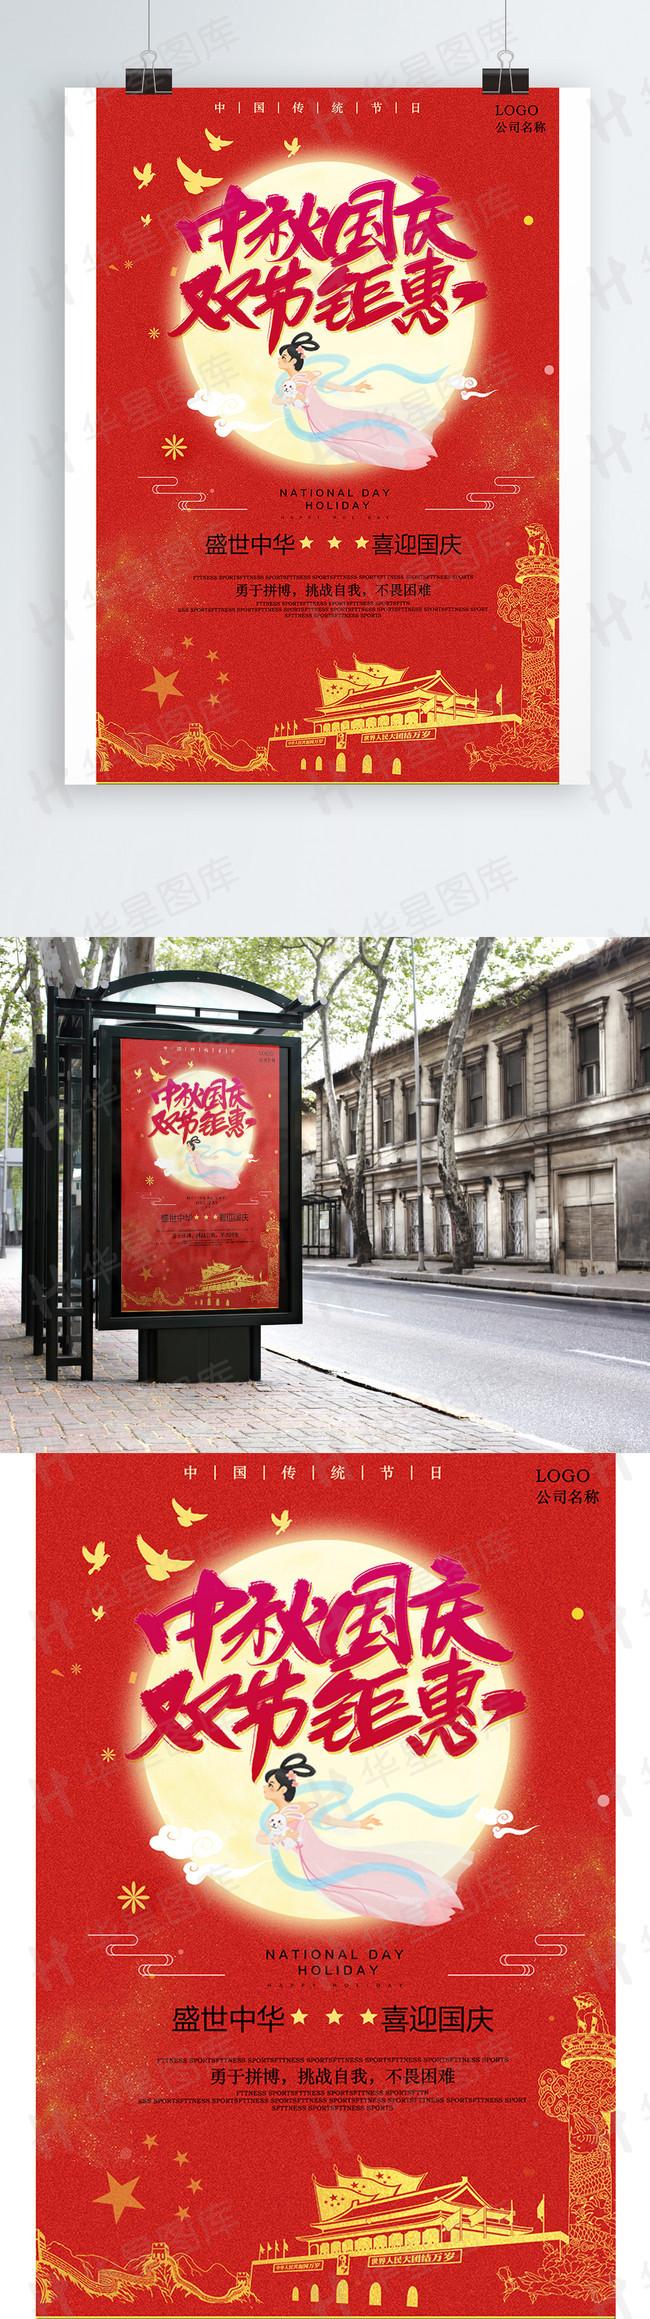 大气红色中秋国庆双节同庆海报设计